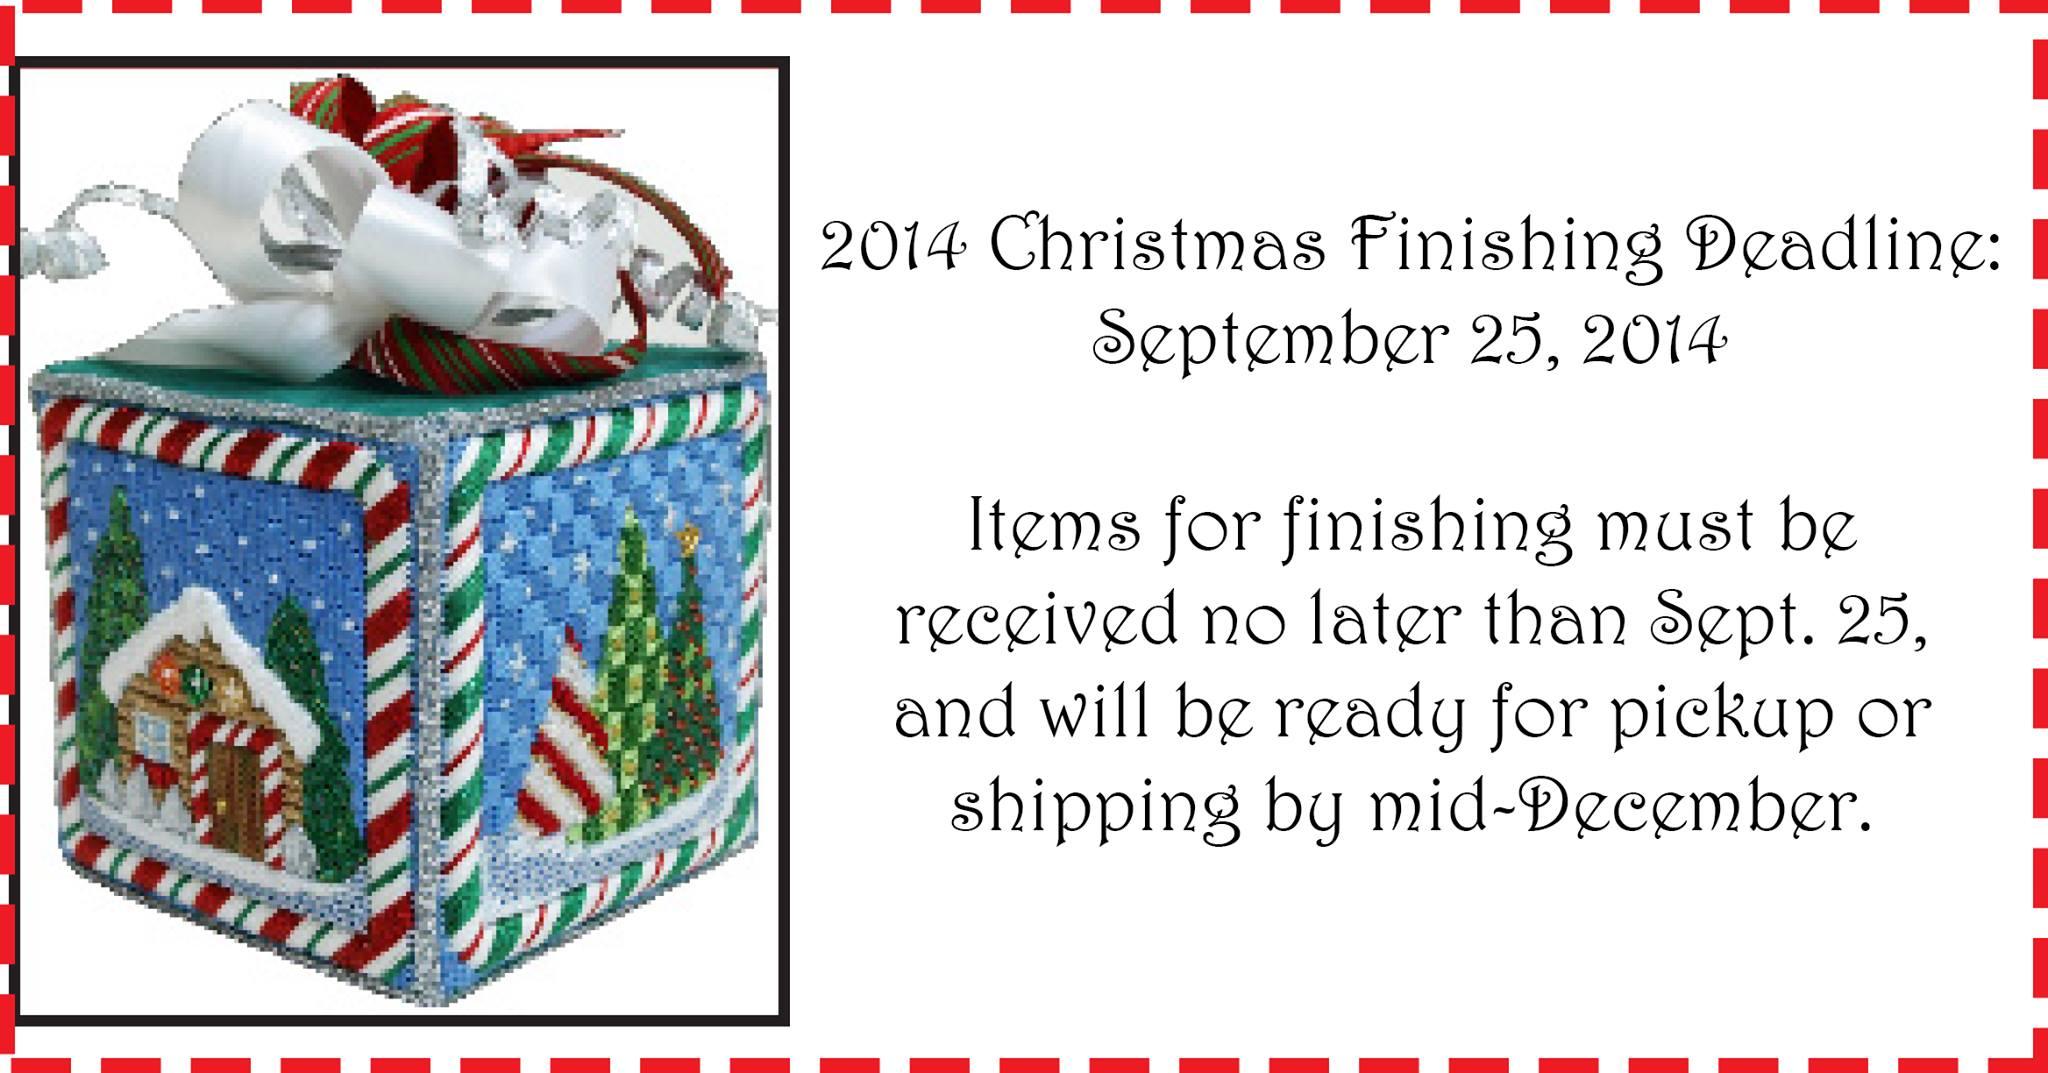 2014 Christmas Finishing Deadline